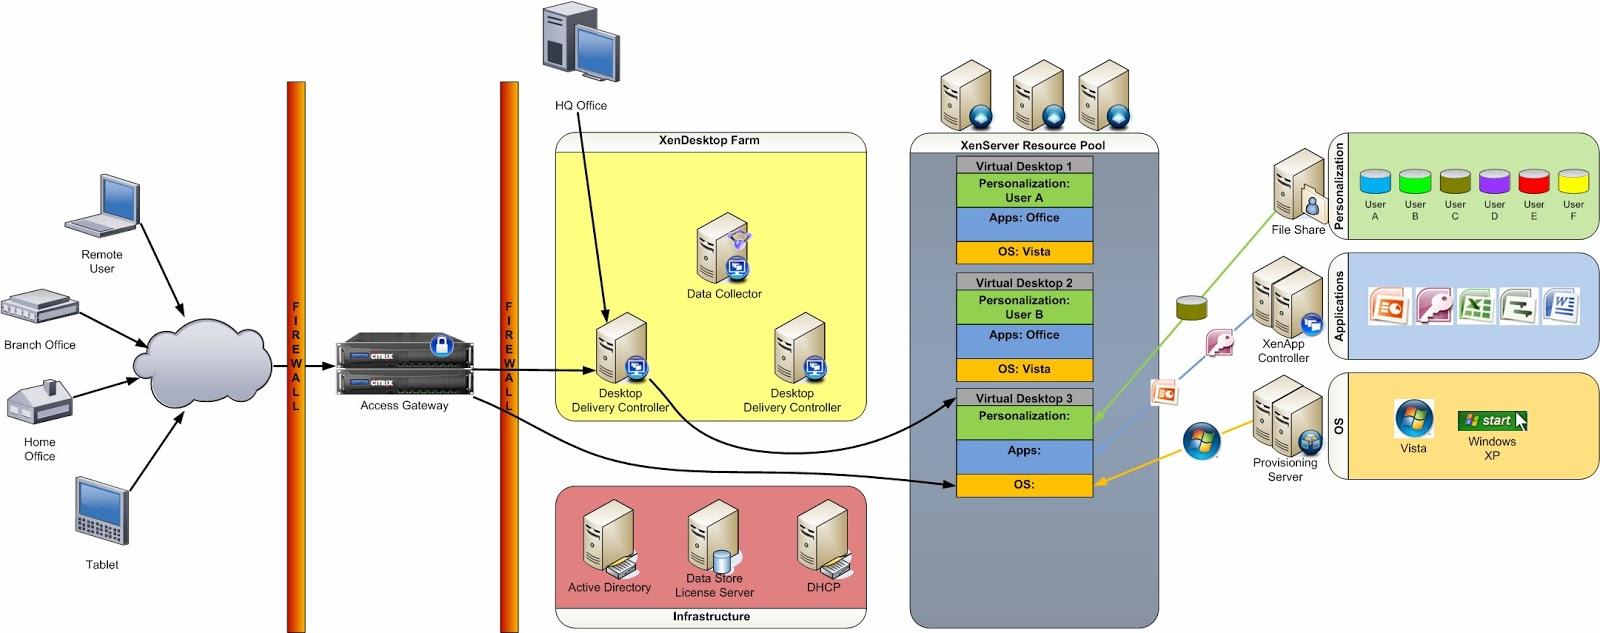 Citrix xenapp desktop 2013 03 17 for Citrix xenapp architecture